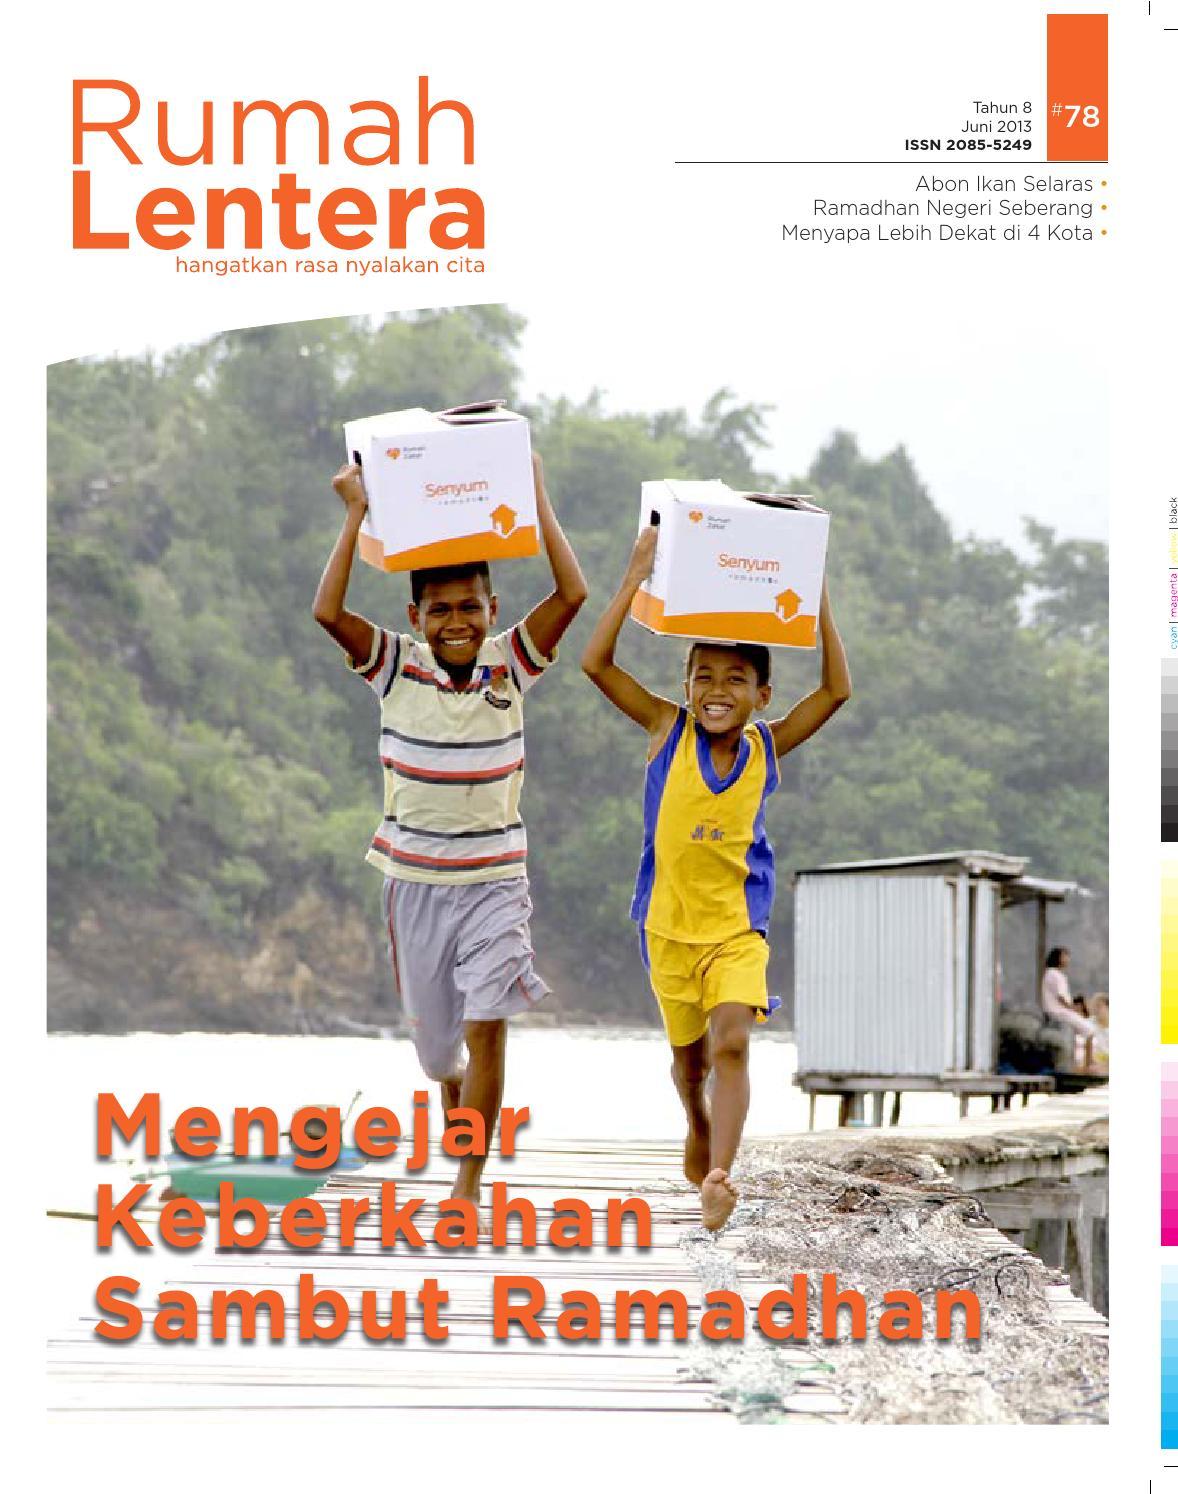 Rumah Lentera RZ Juni 2013 By Agus Suprianto Issuu